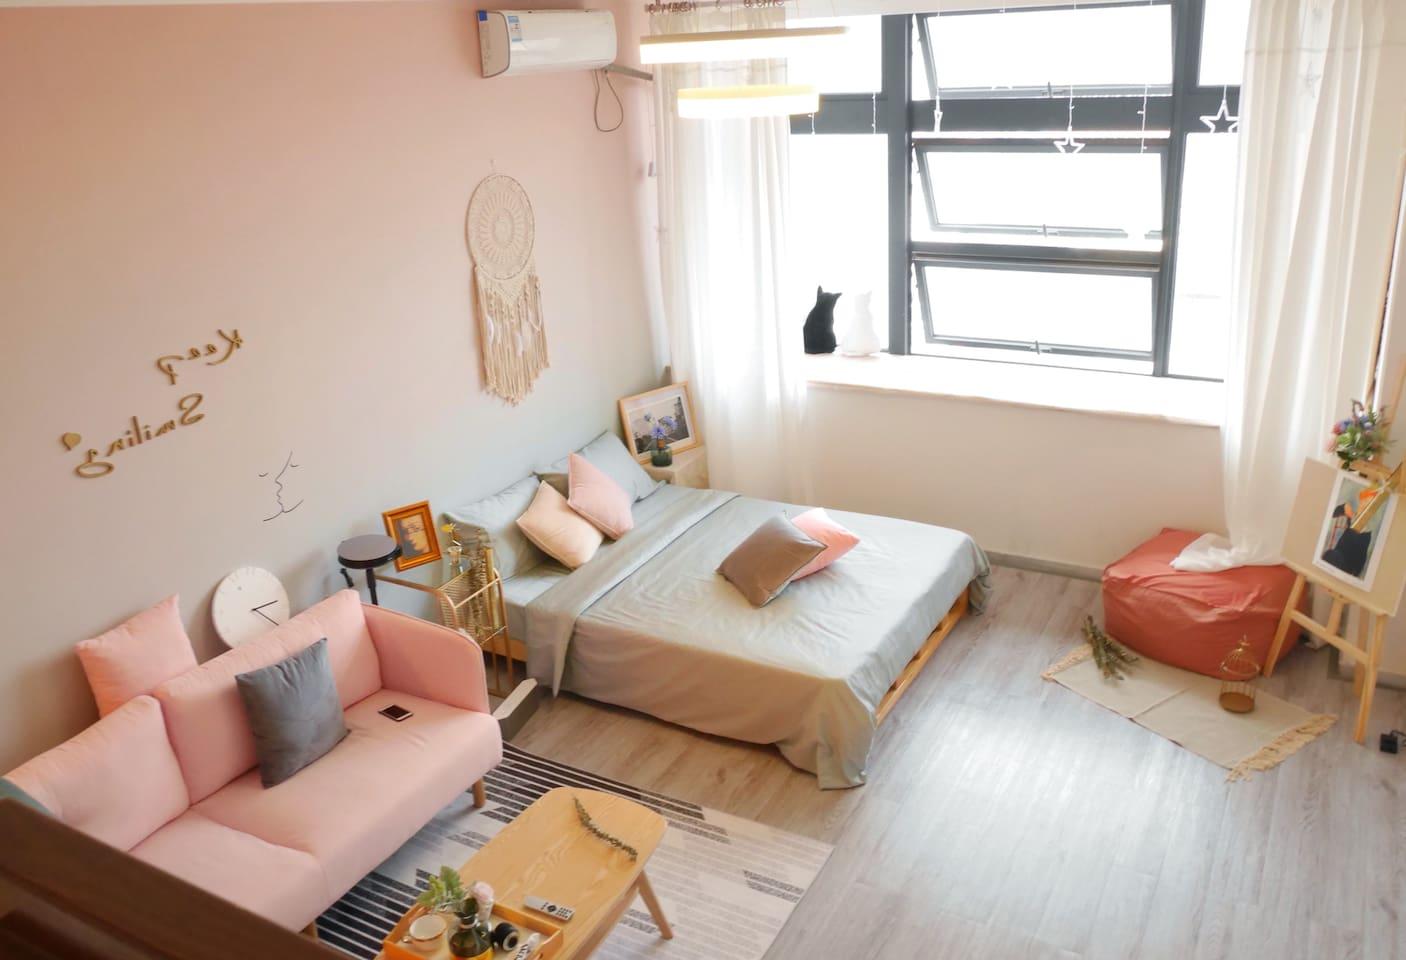 loft挑高结构楼中楼双大床房超大飘窗带百寸投影仪~以下照片都是实拍哟